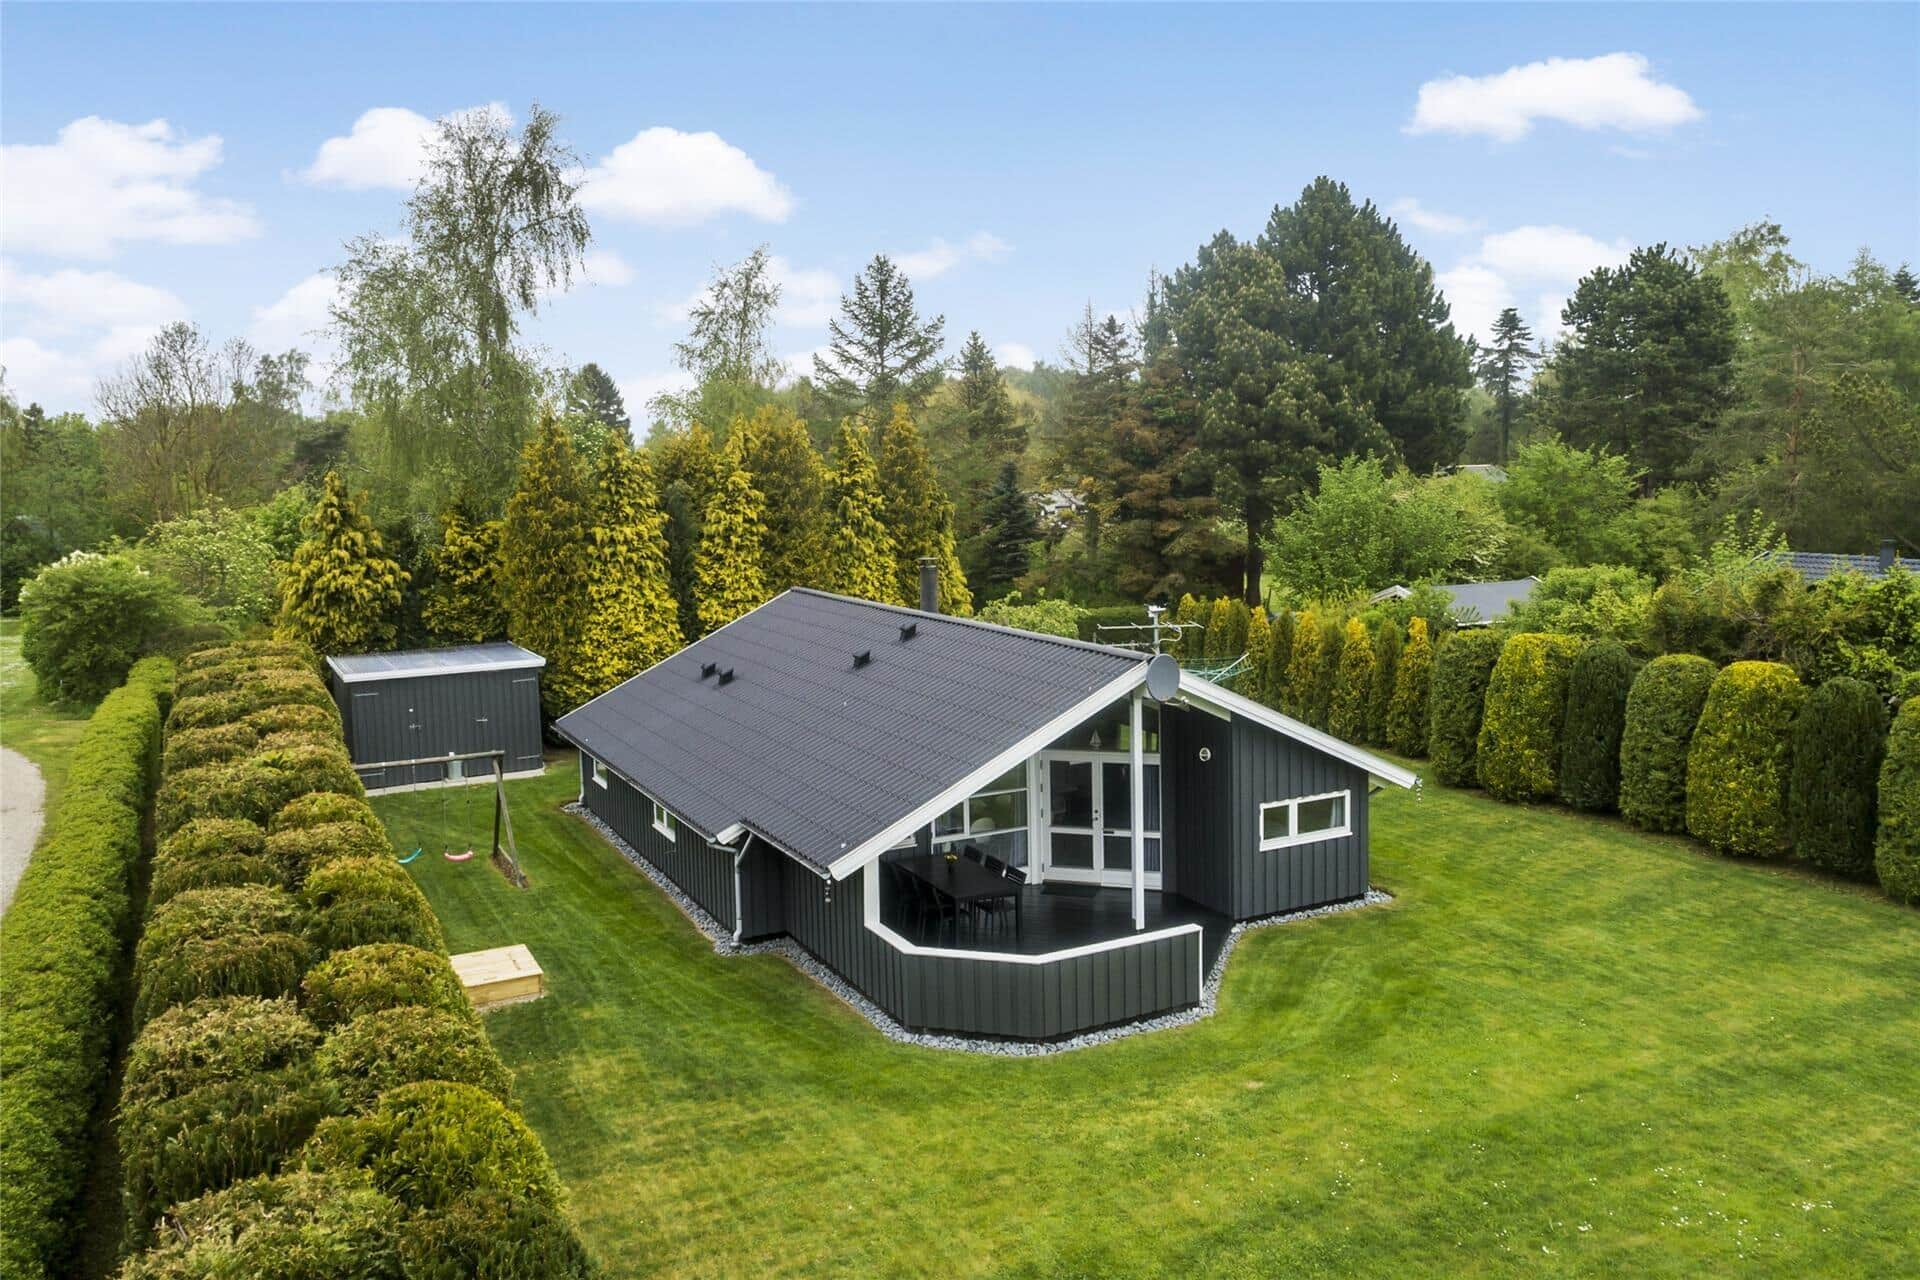 Billede 1-15 Sommerhus 3313, Overlid 11, DK - 4780 Stege